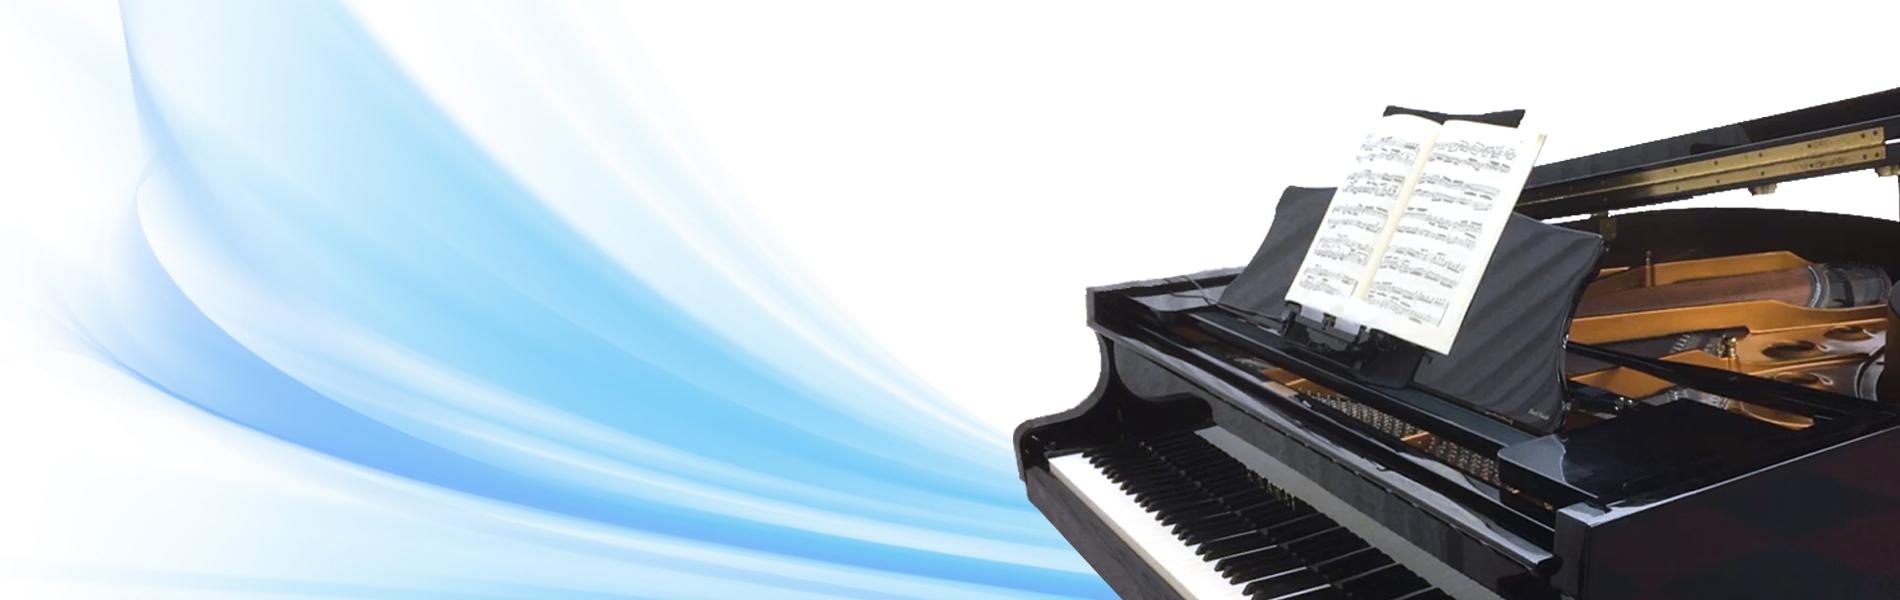 ピアノの譜面立に載せて